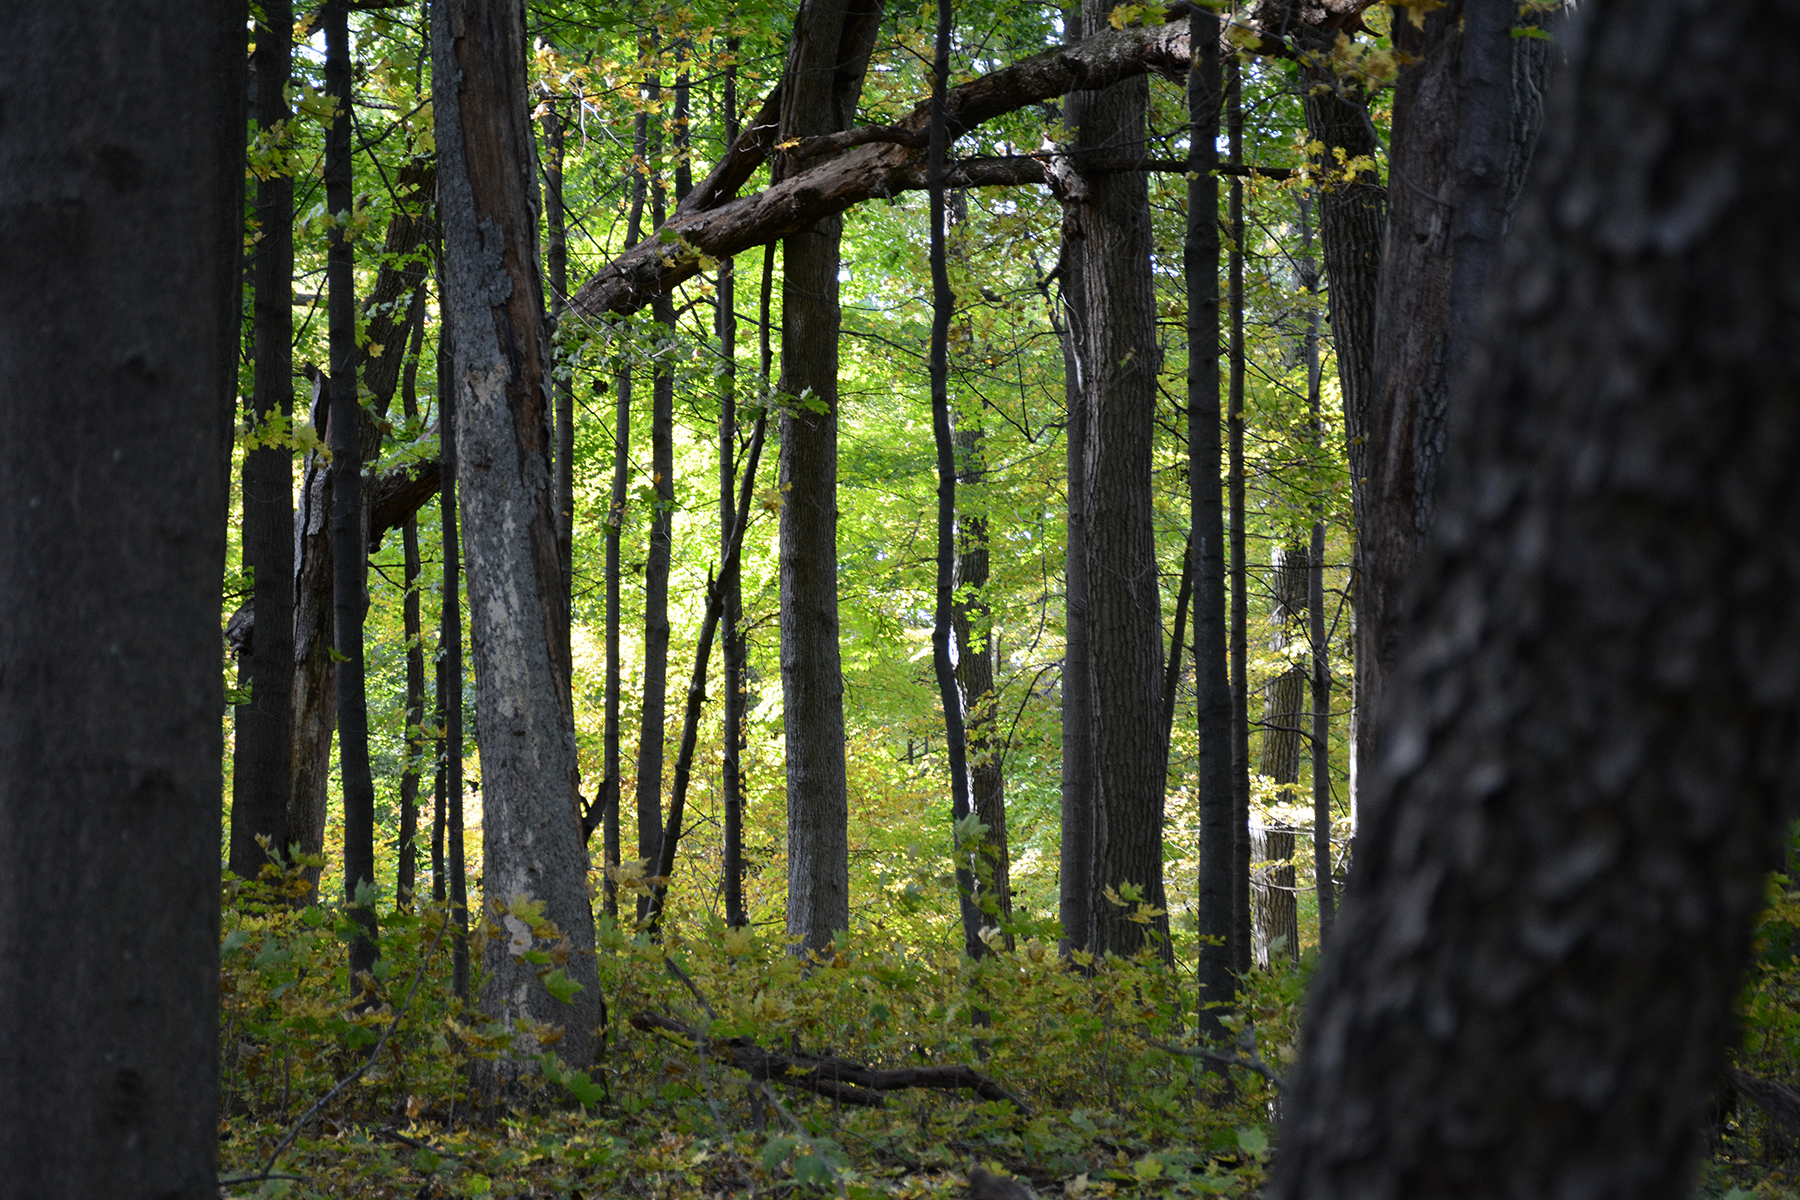 2016-10-14-arboretum-woods